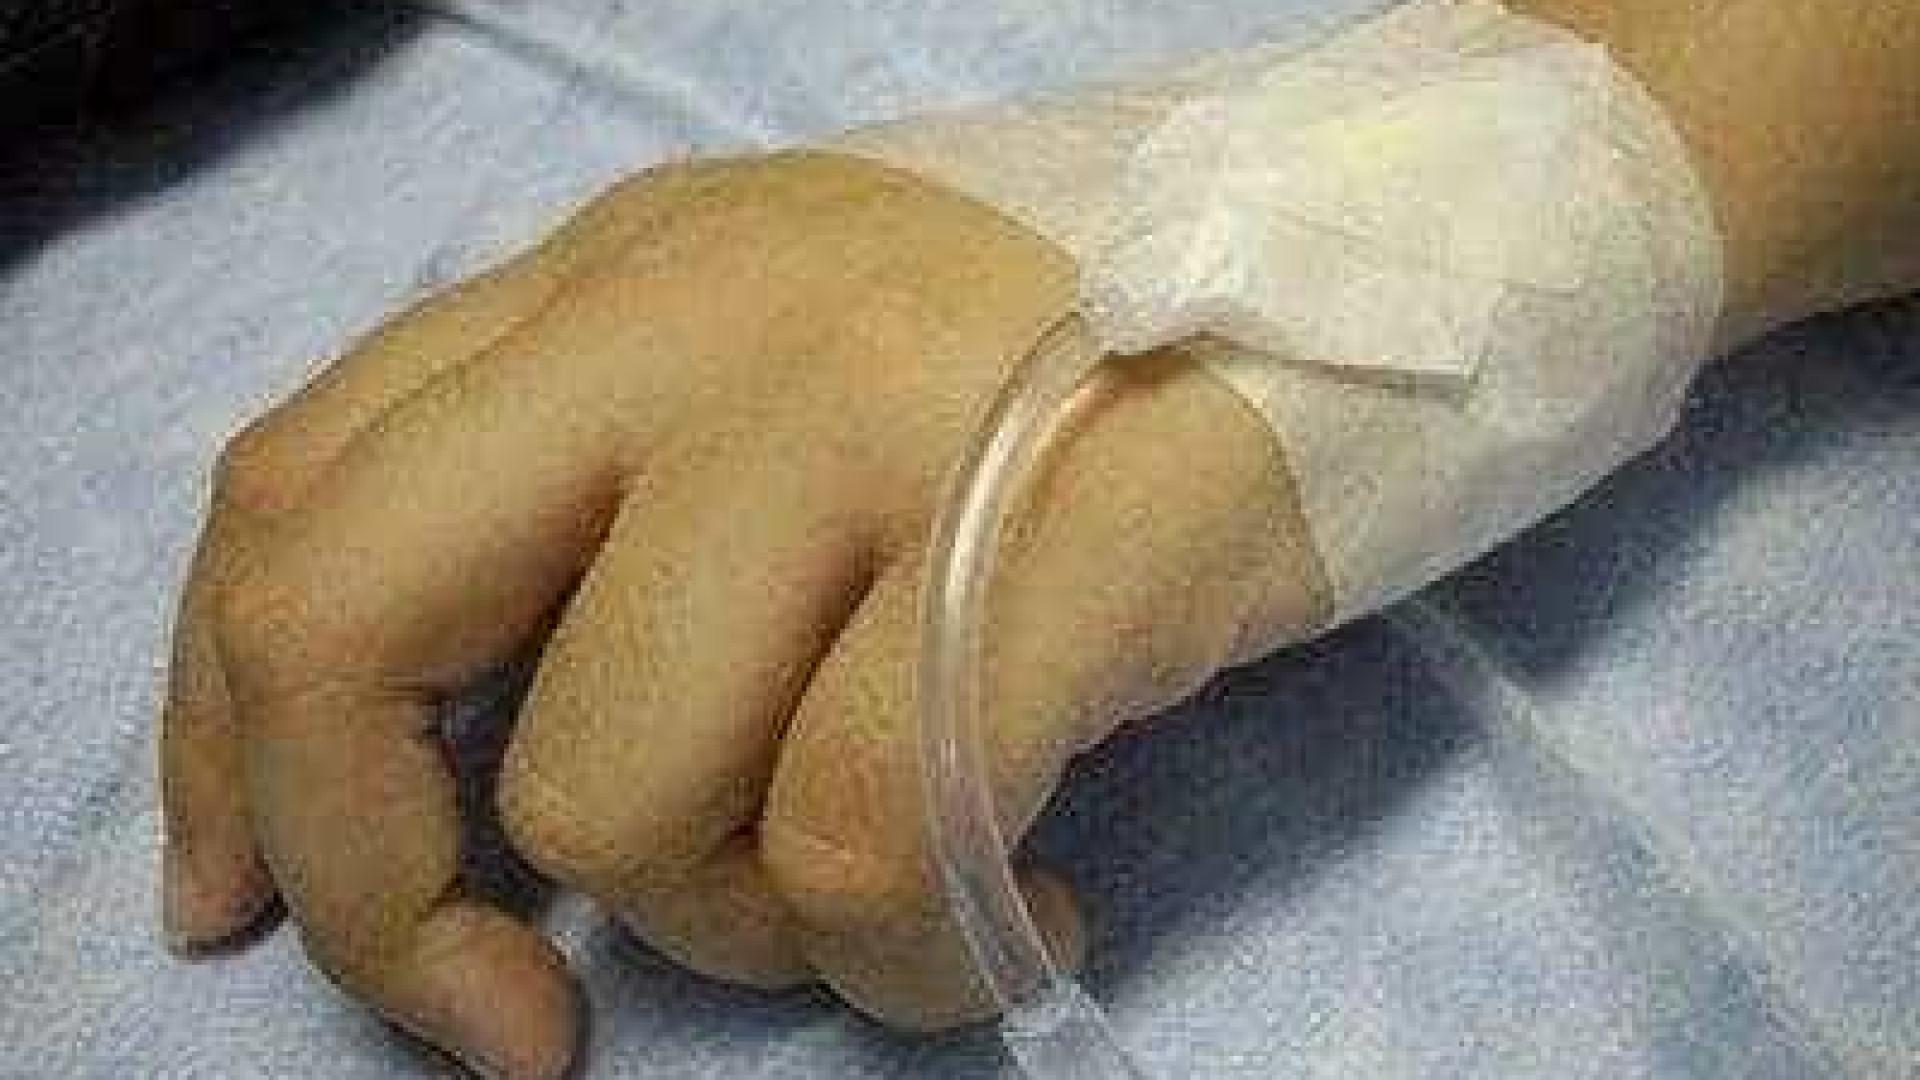 Câncer de menino de 6 anos é diagnosticado como birra e agressão